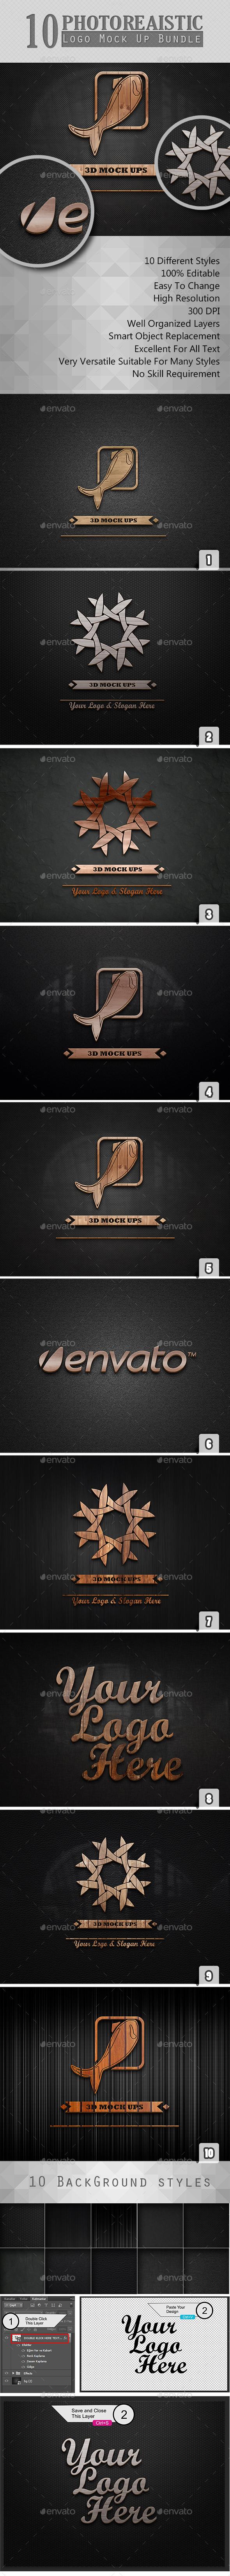 Photorealistic Logo Mock Ups Set 2 - Logo Product Mock-Ups